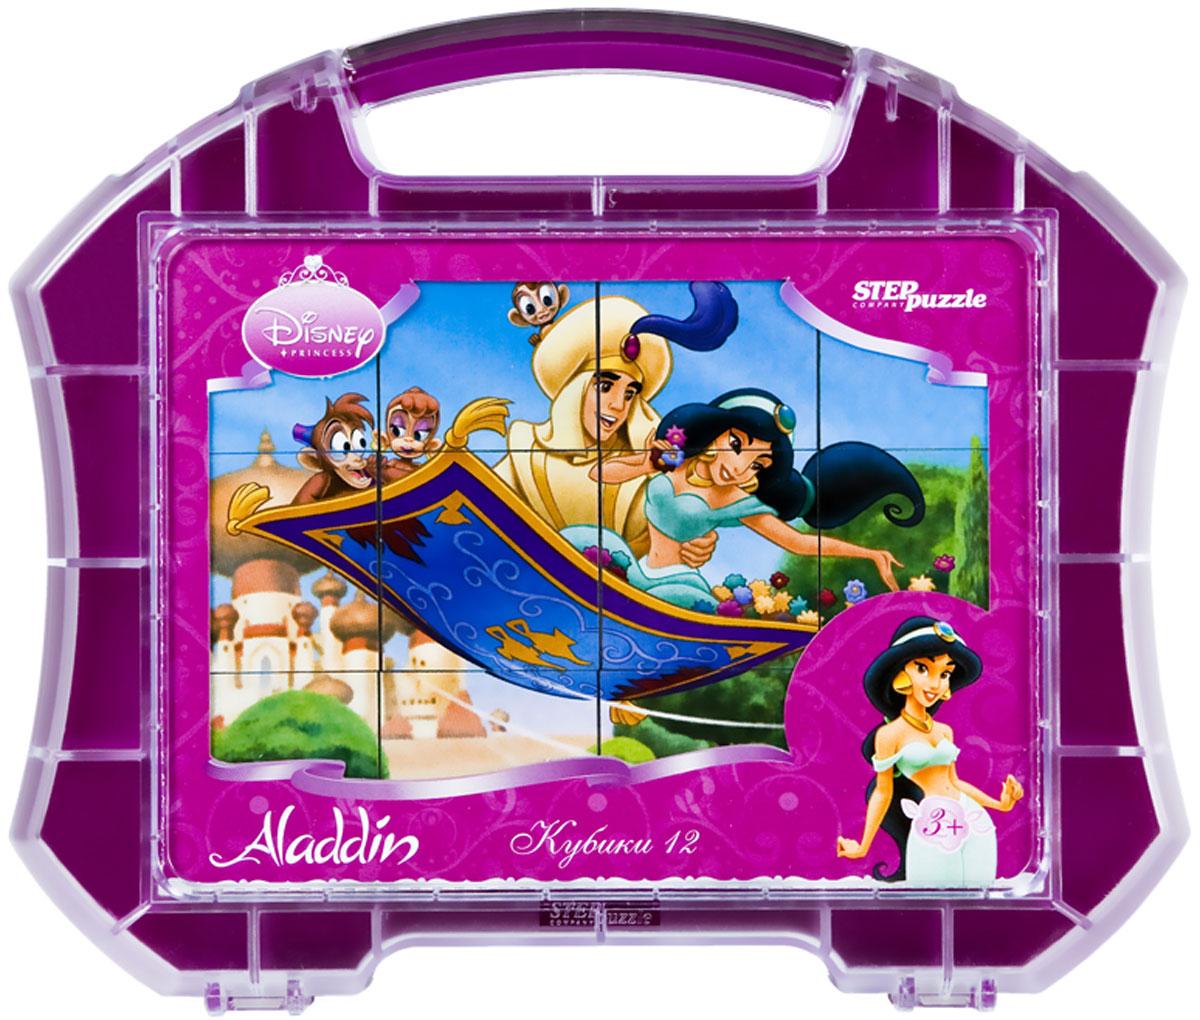 Step Puzzle Кубики Жасмин в чемоданчике87109С помощью кубиков Step Puzzle Жасмин ребенок сможет собрать целых шесть красочных картинок с любимой принцессой Диснея. Наборы из 12 кубиков - для тех, кто освоил навык сборки картинки из 9 кубиков. Заложенный дидактический принцип От простого к сложному позволит ребёнку поверить свои силы. А герои популярных мультфильмов сделают кубики любимой игрушкой. Игра с кубиками развивает зрительное восприятие, наблюдательность, мелкую моторику рук и произвольные движения. Ребенок научится складывать целостный образ из частей, определять недостающие детали изображения. Это прекрасный комплект для развлечения и времяпрепровождения с пользой для малышки.